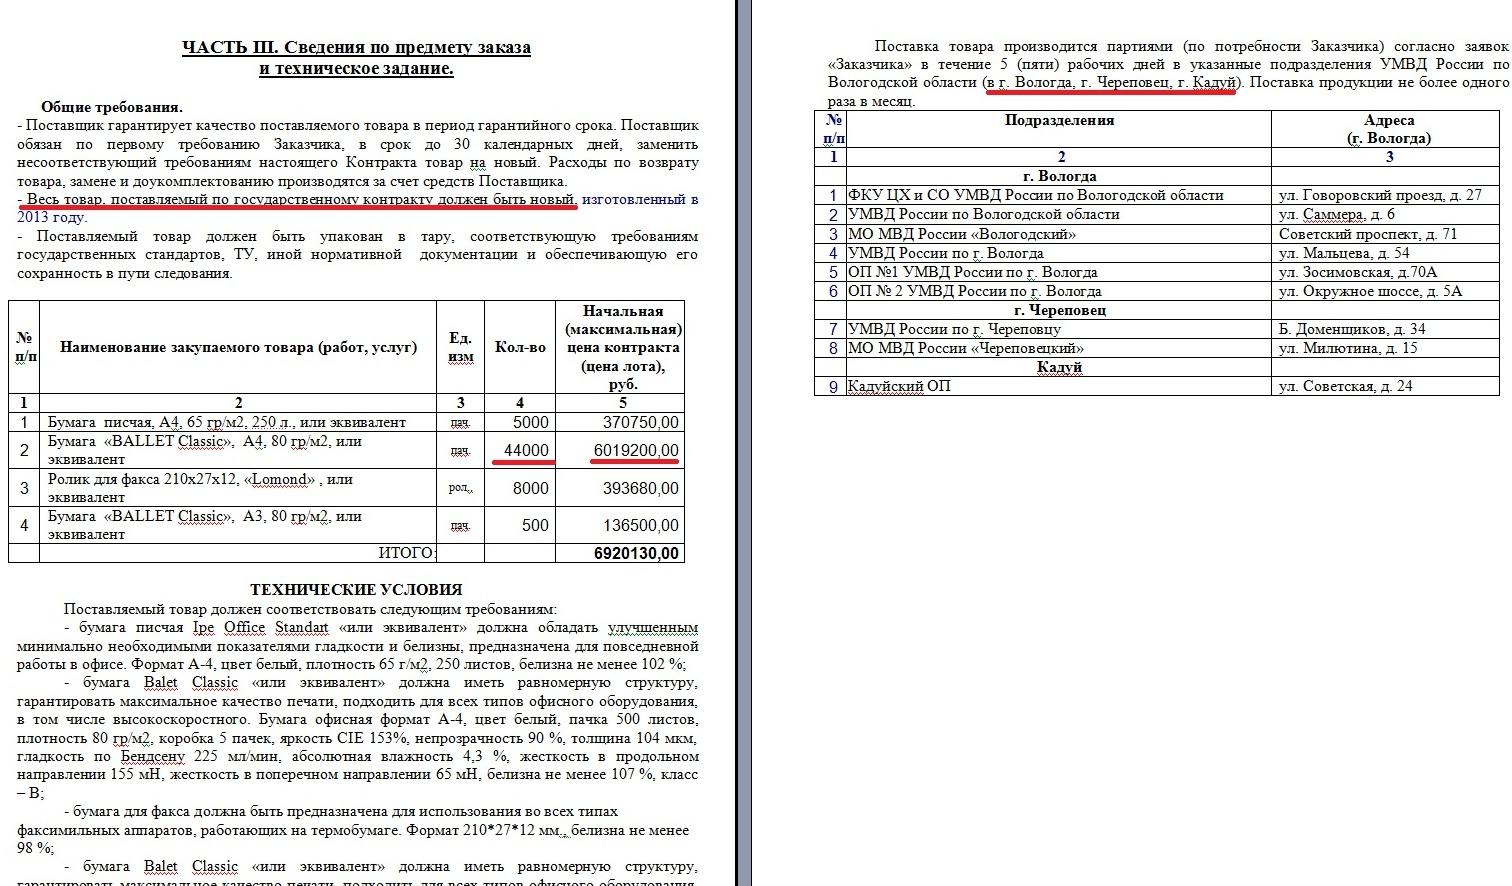 Бумага для МВД контракт